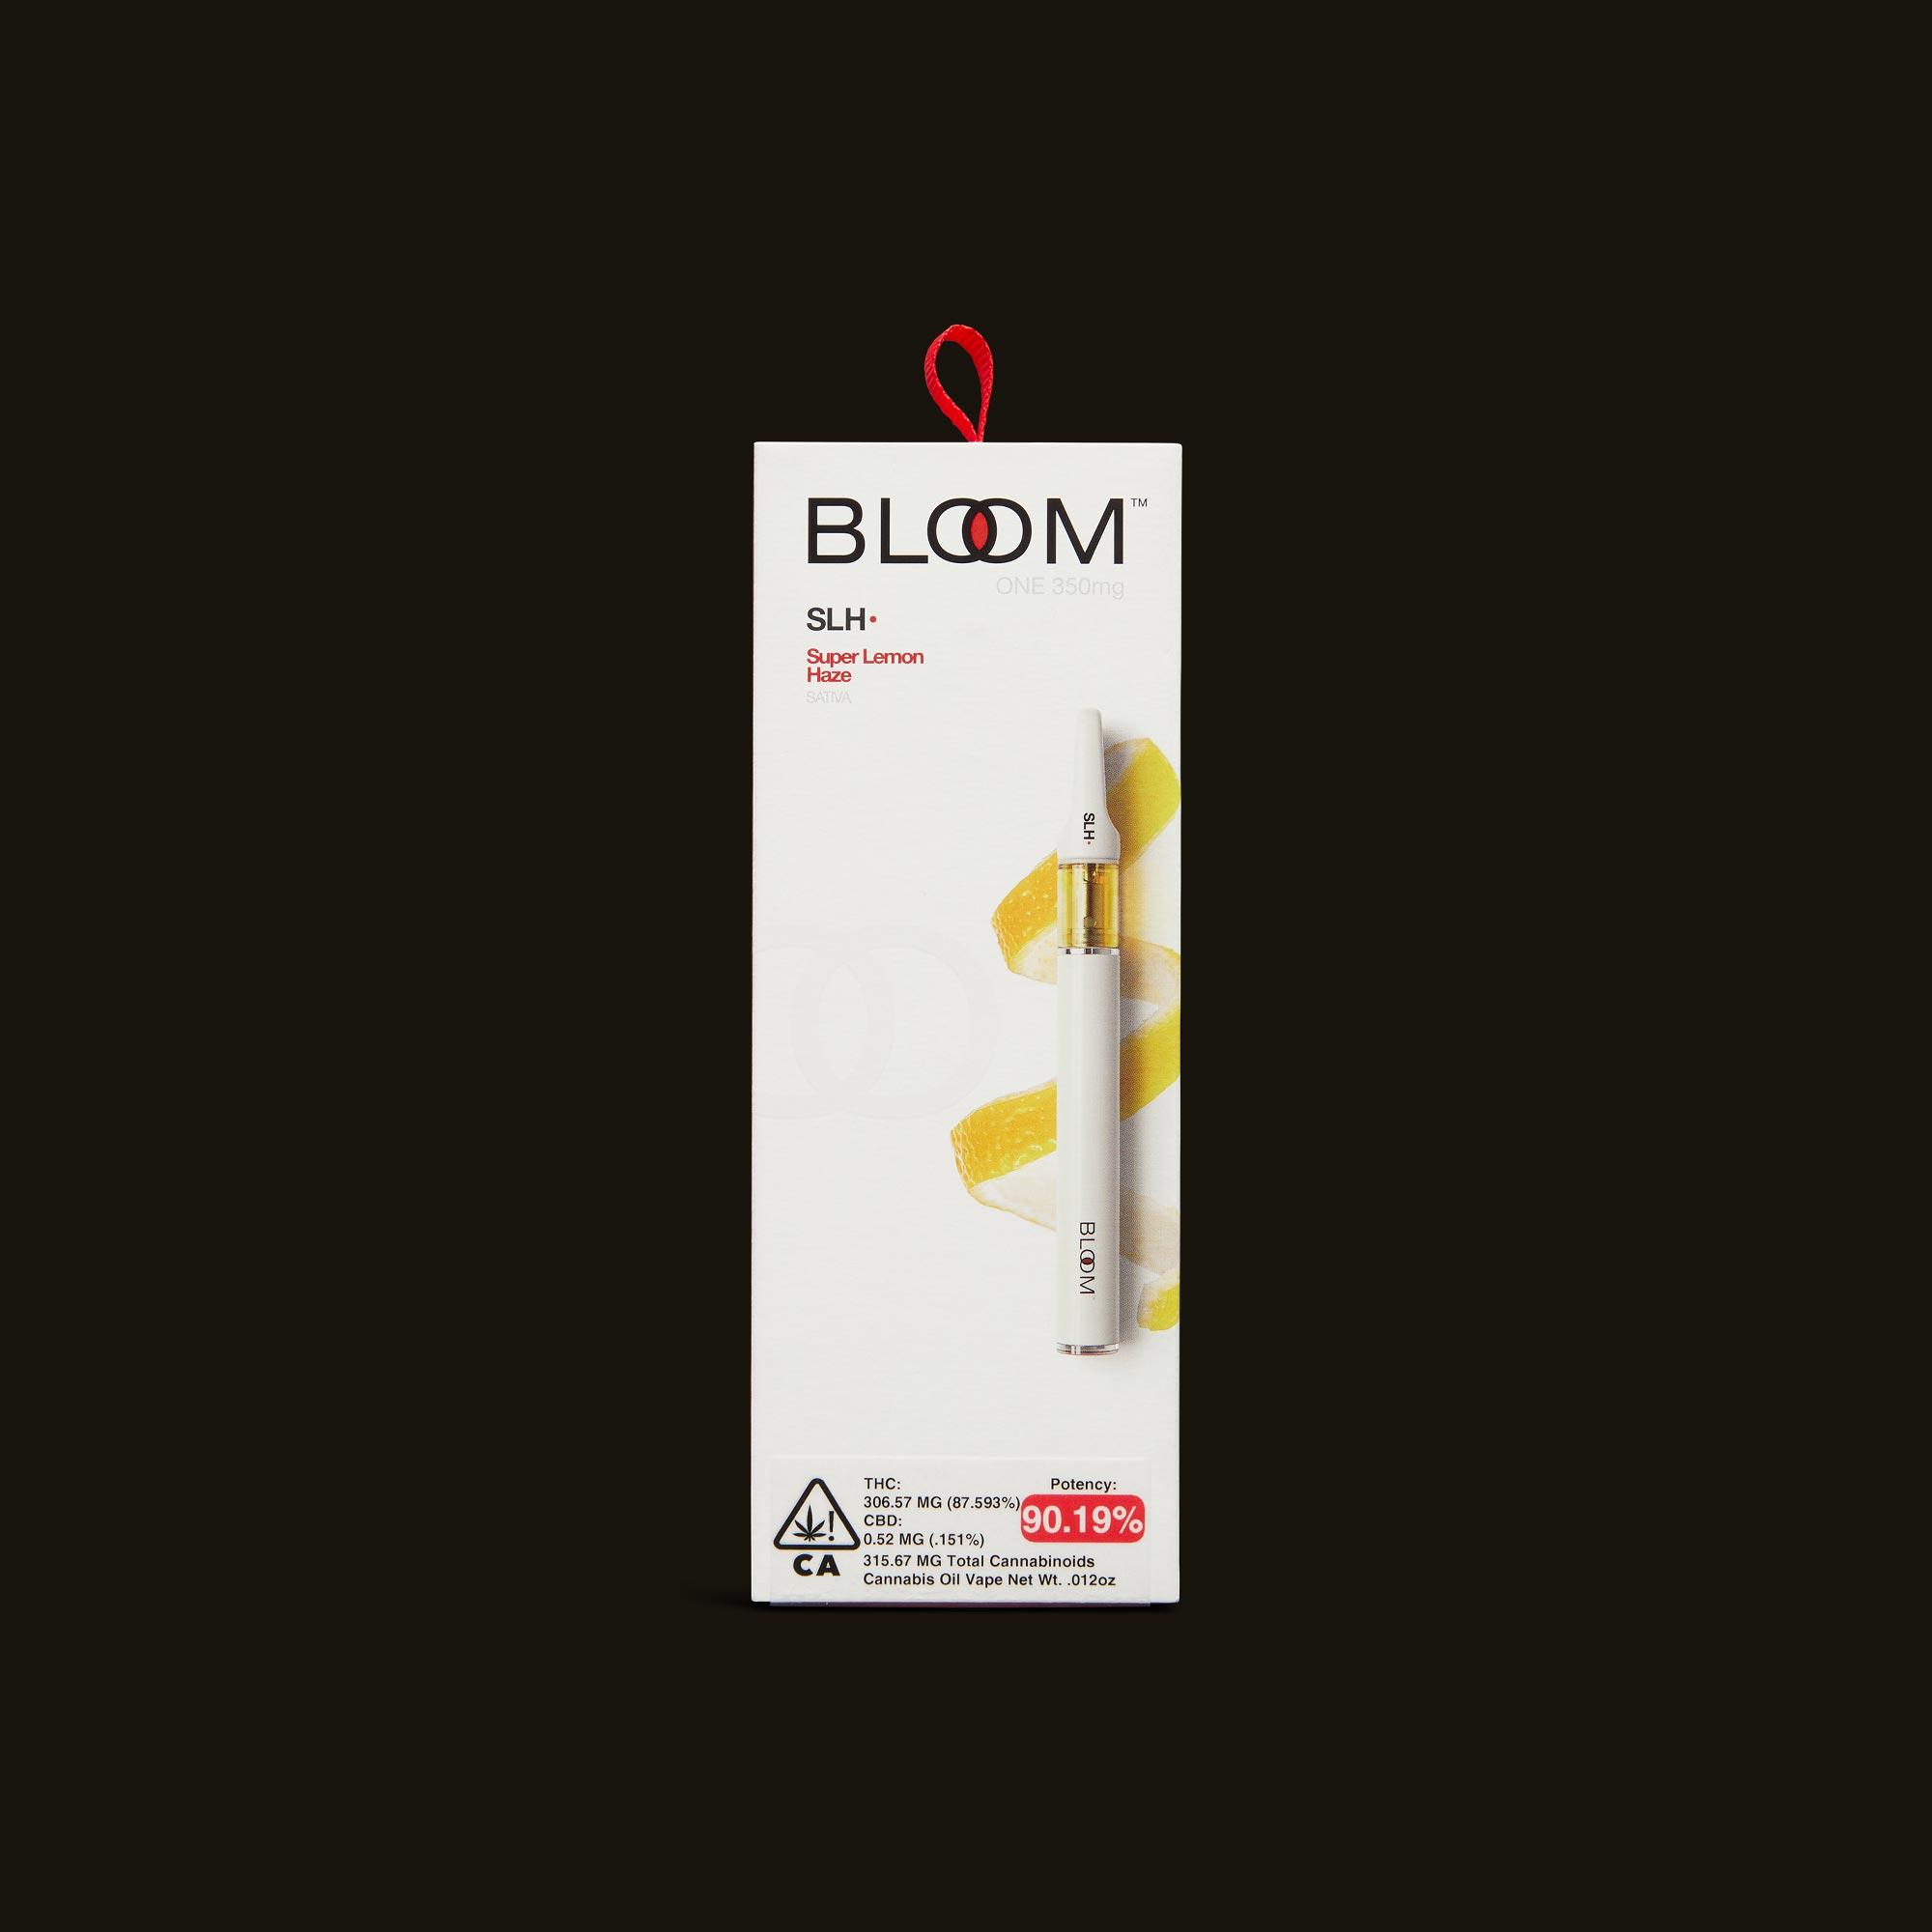 Super Lemon Haze Bloom One - 350mg disposable pen